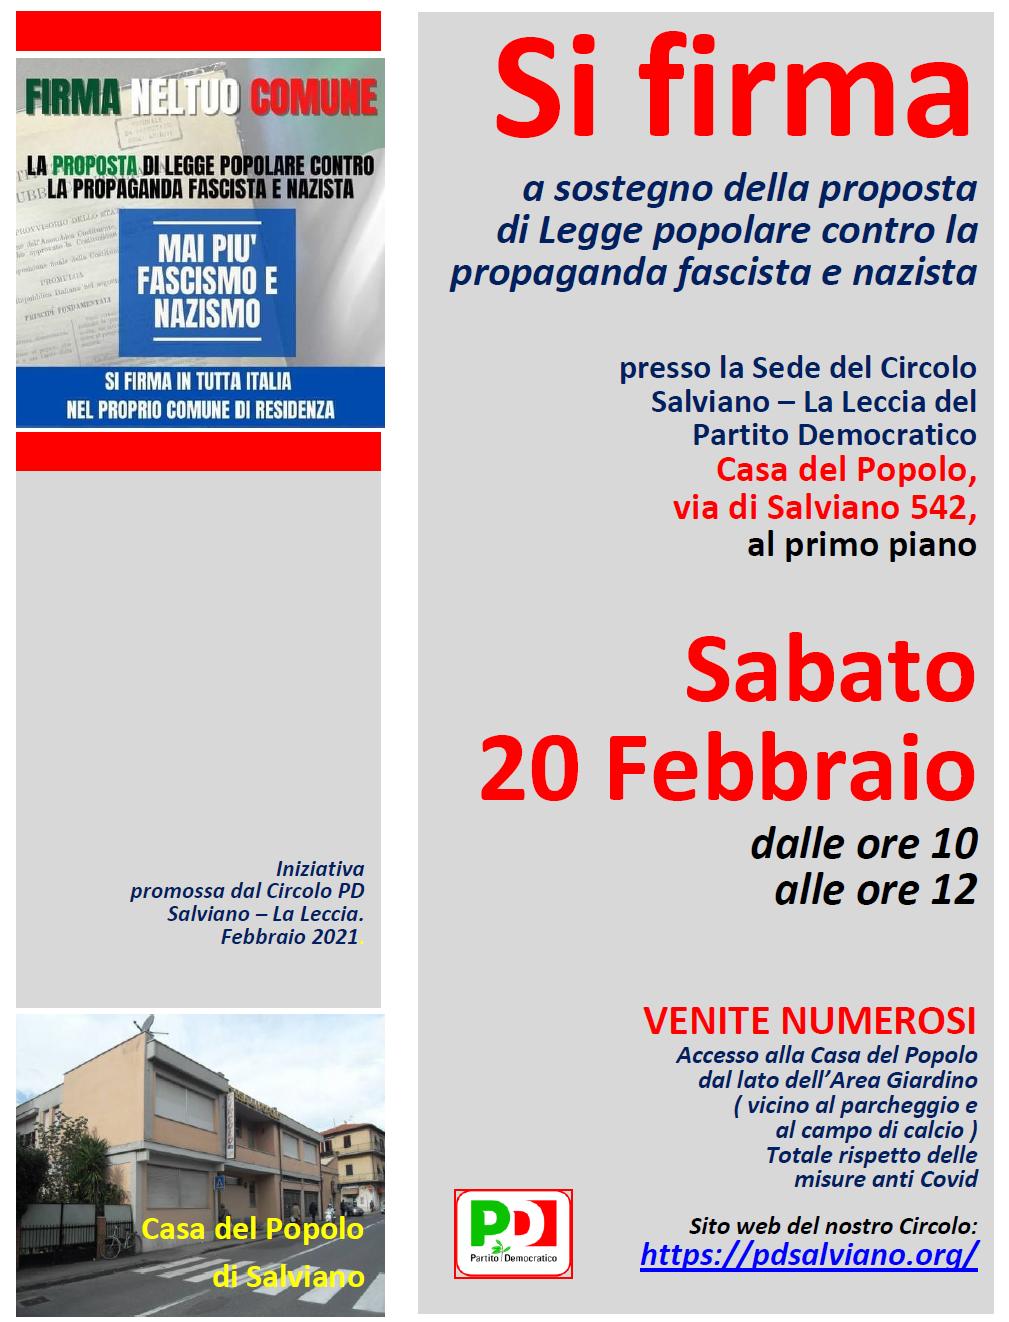 Firme antifasciste a Salviano. Sabato 20 Febbraio 2021.